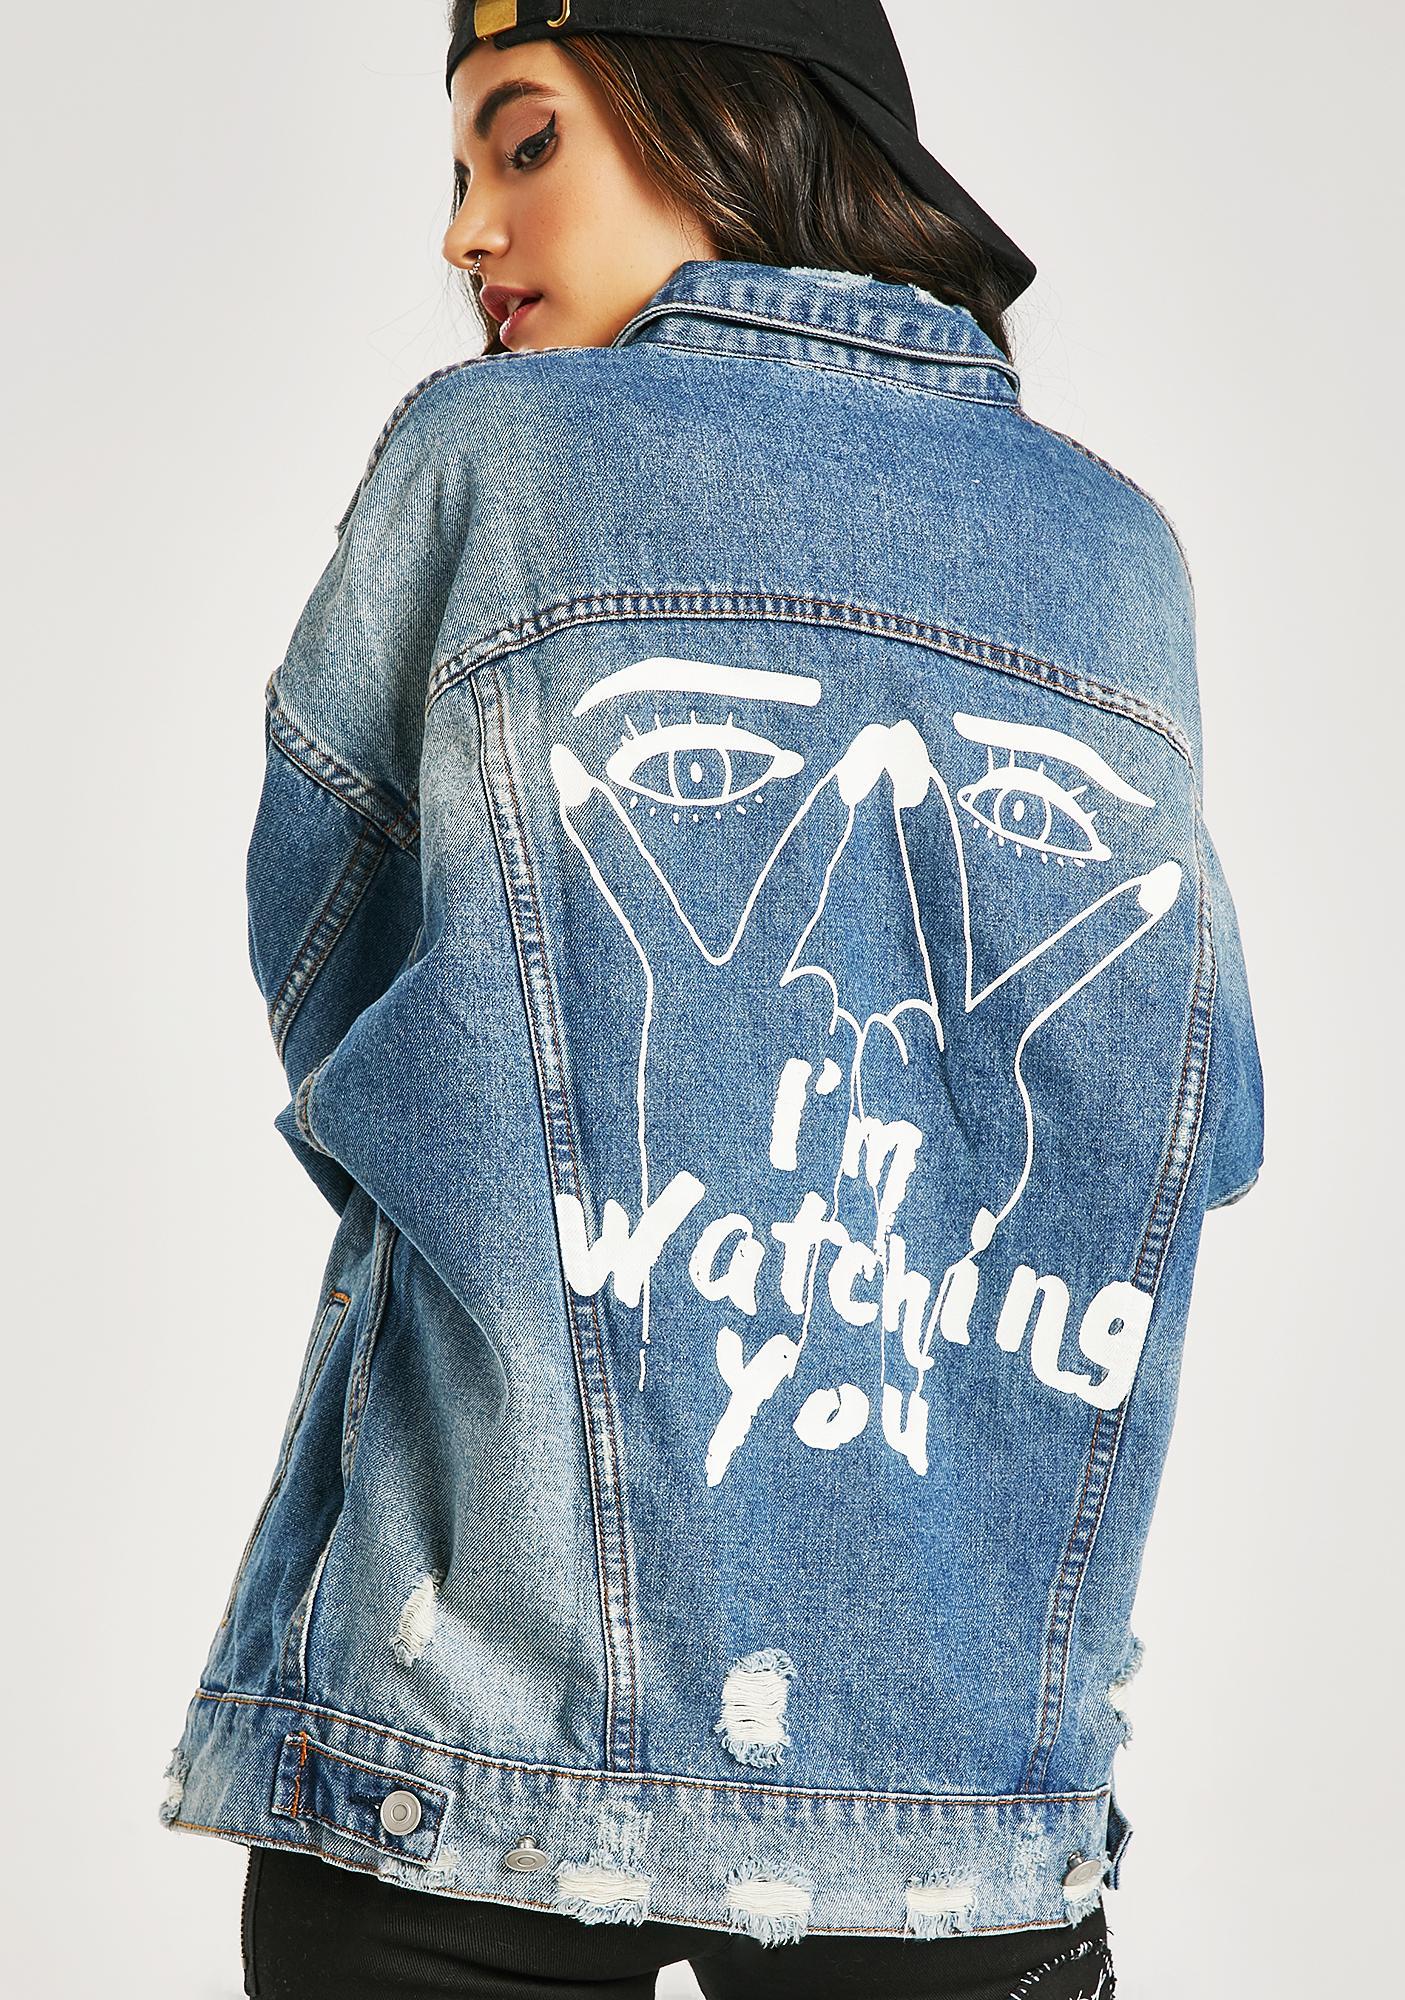 Watching You Denim Jacket